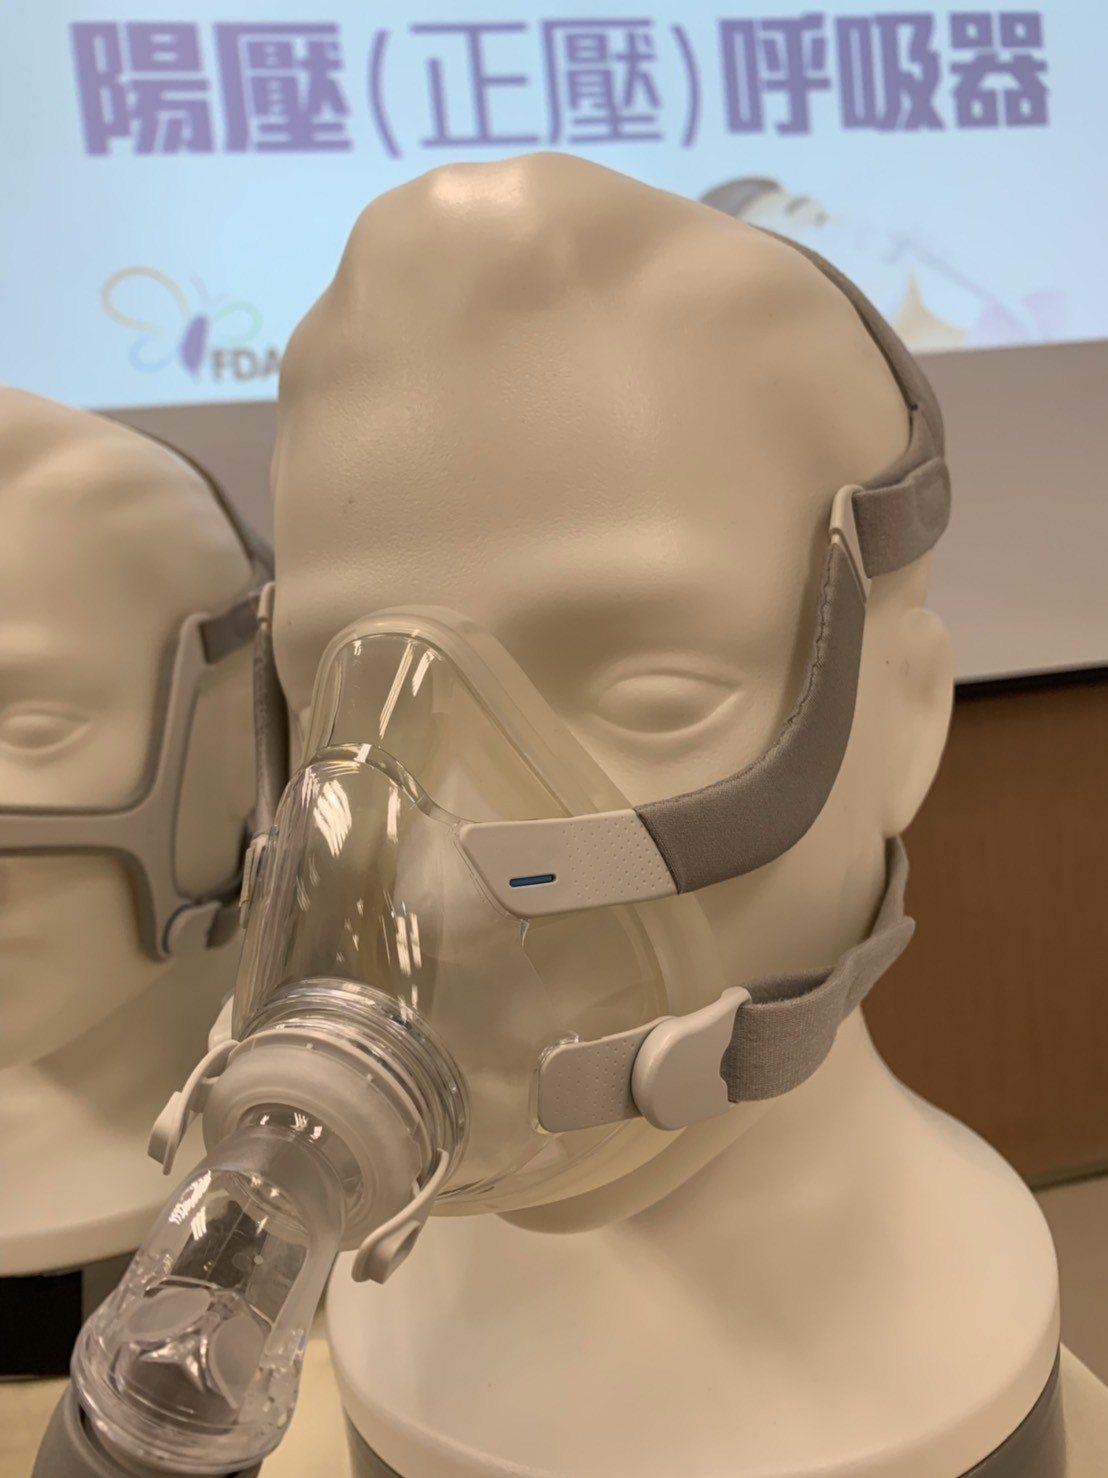 陽壓呼吸器能改善睡眠呼吸中止的症狀,食藥署也呼籲使用陽壓呼吸器前應與醫師充分溝通...